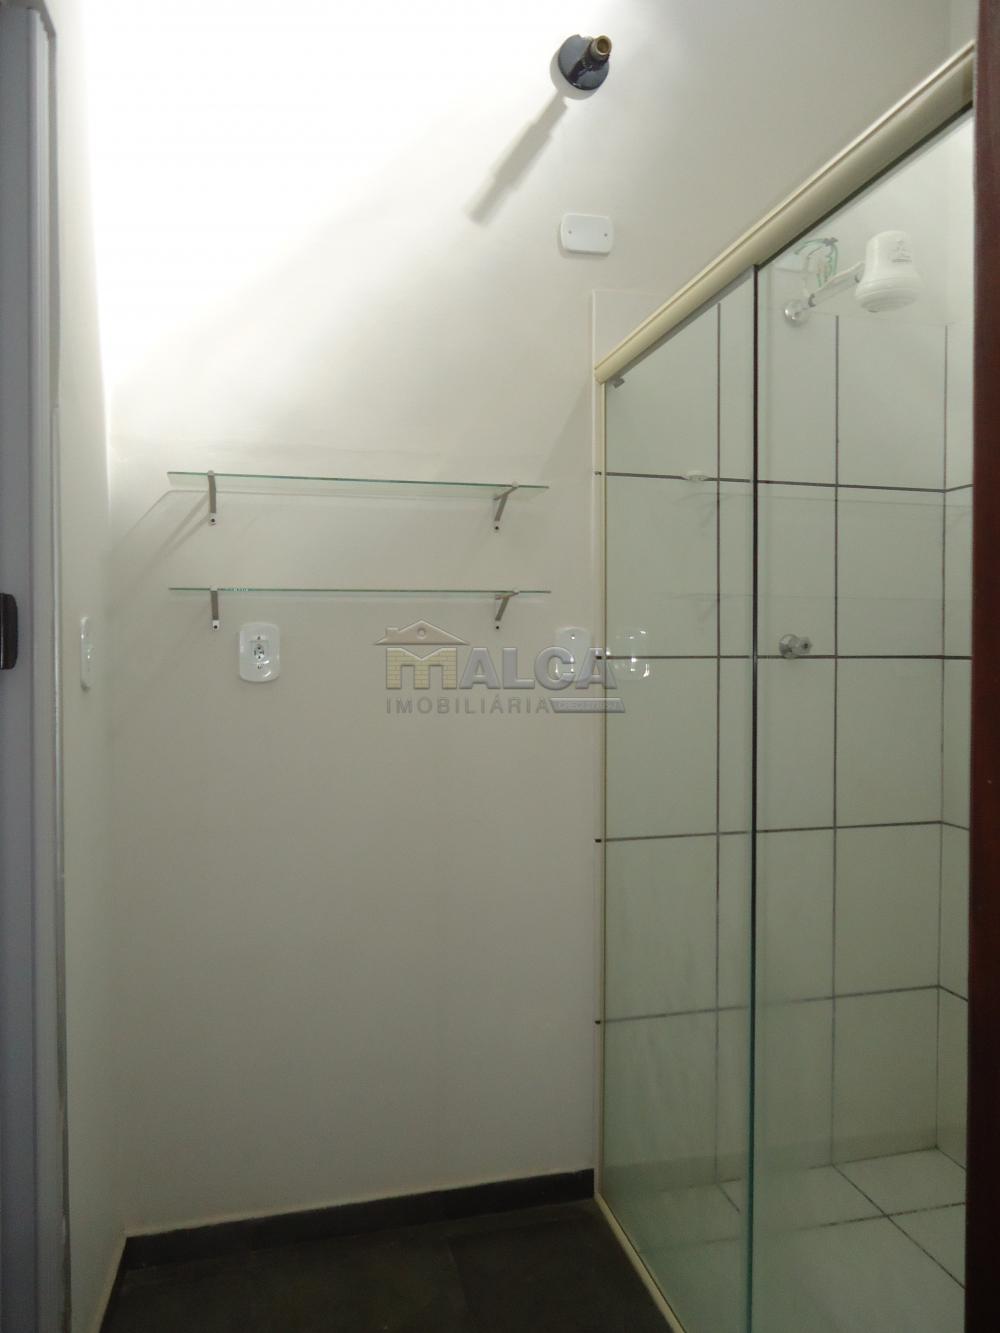 Alugar Apartamentos / Padrão em São José do Rio Pardo apenas R$ 700,00 - Foto 19